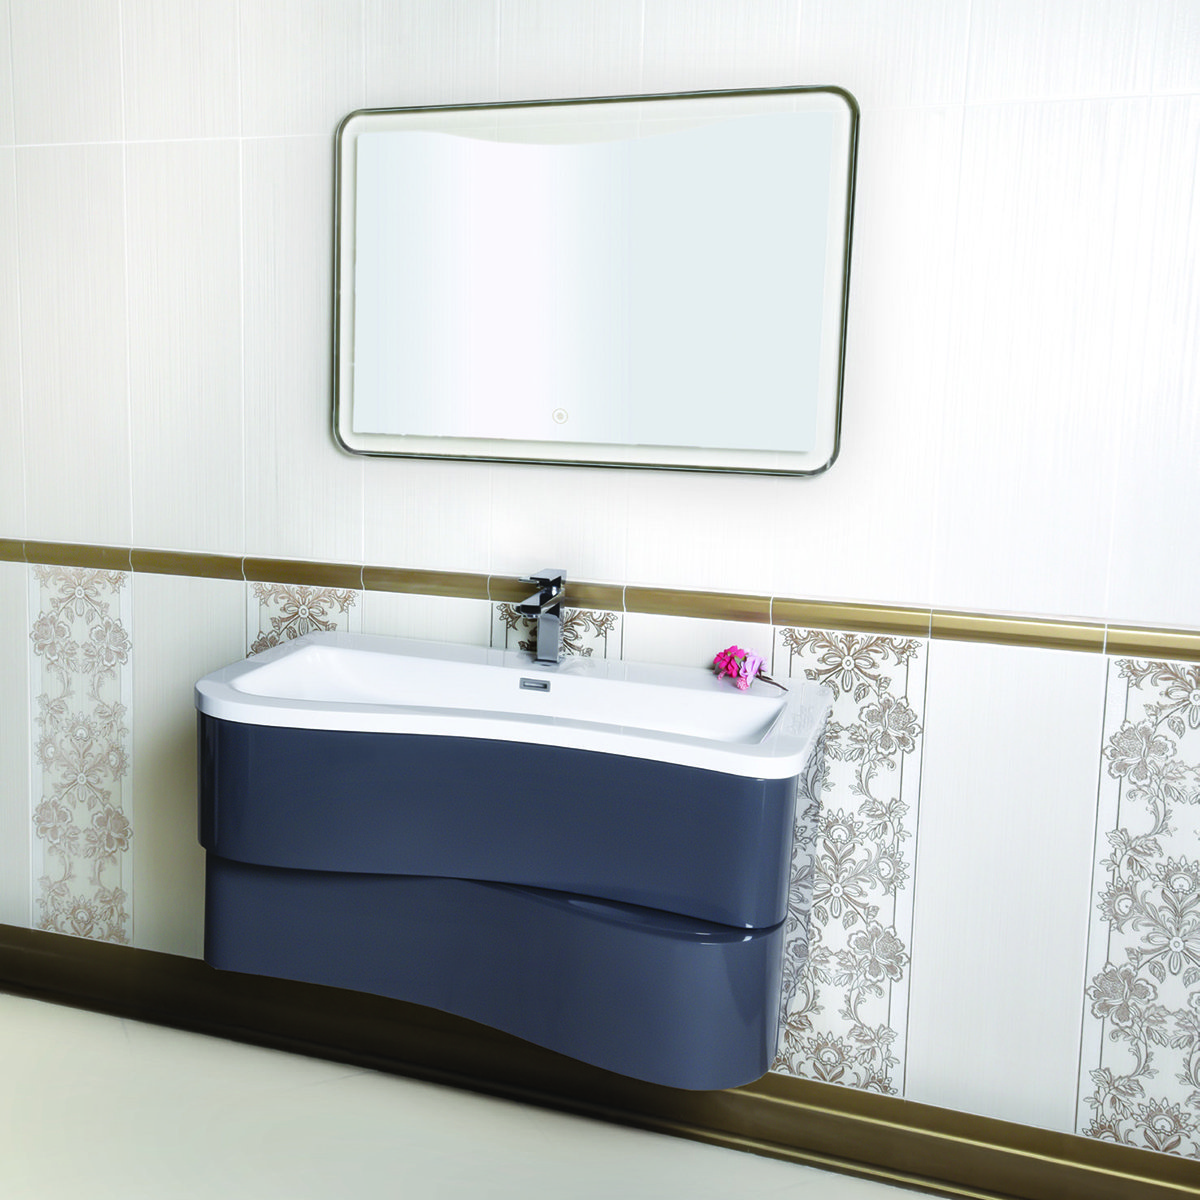 mobili bagno design promozione online prezzi e offerte ... - Primula Arredo Bagno